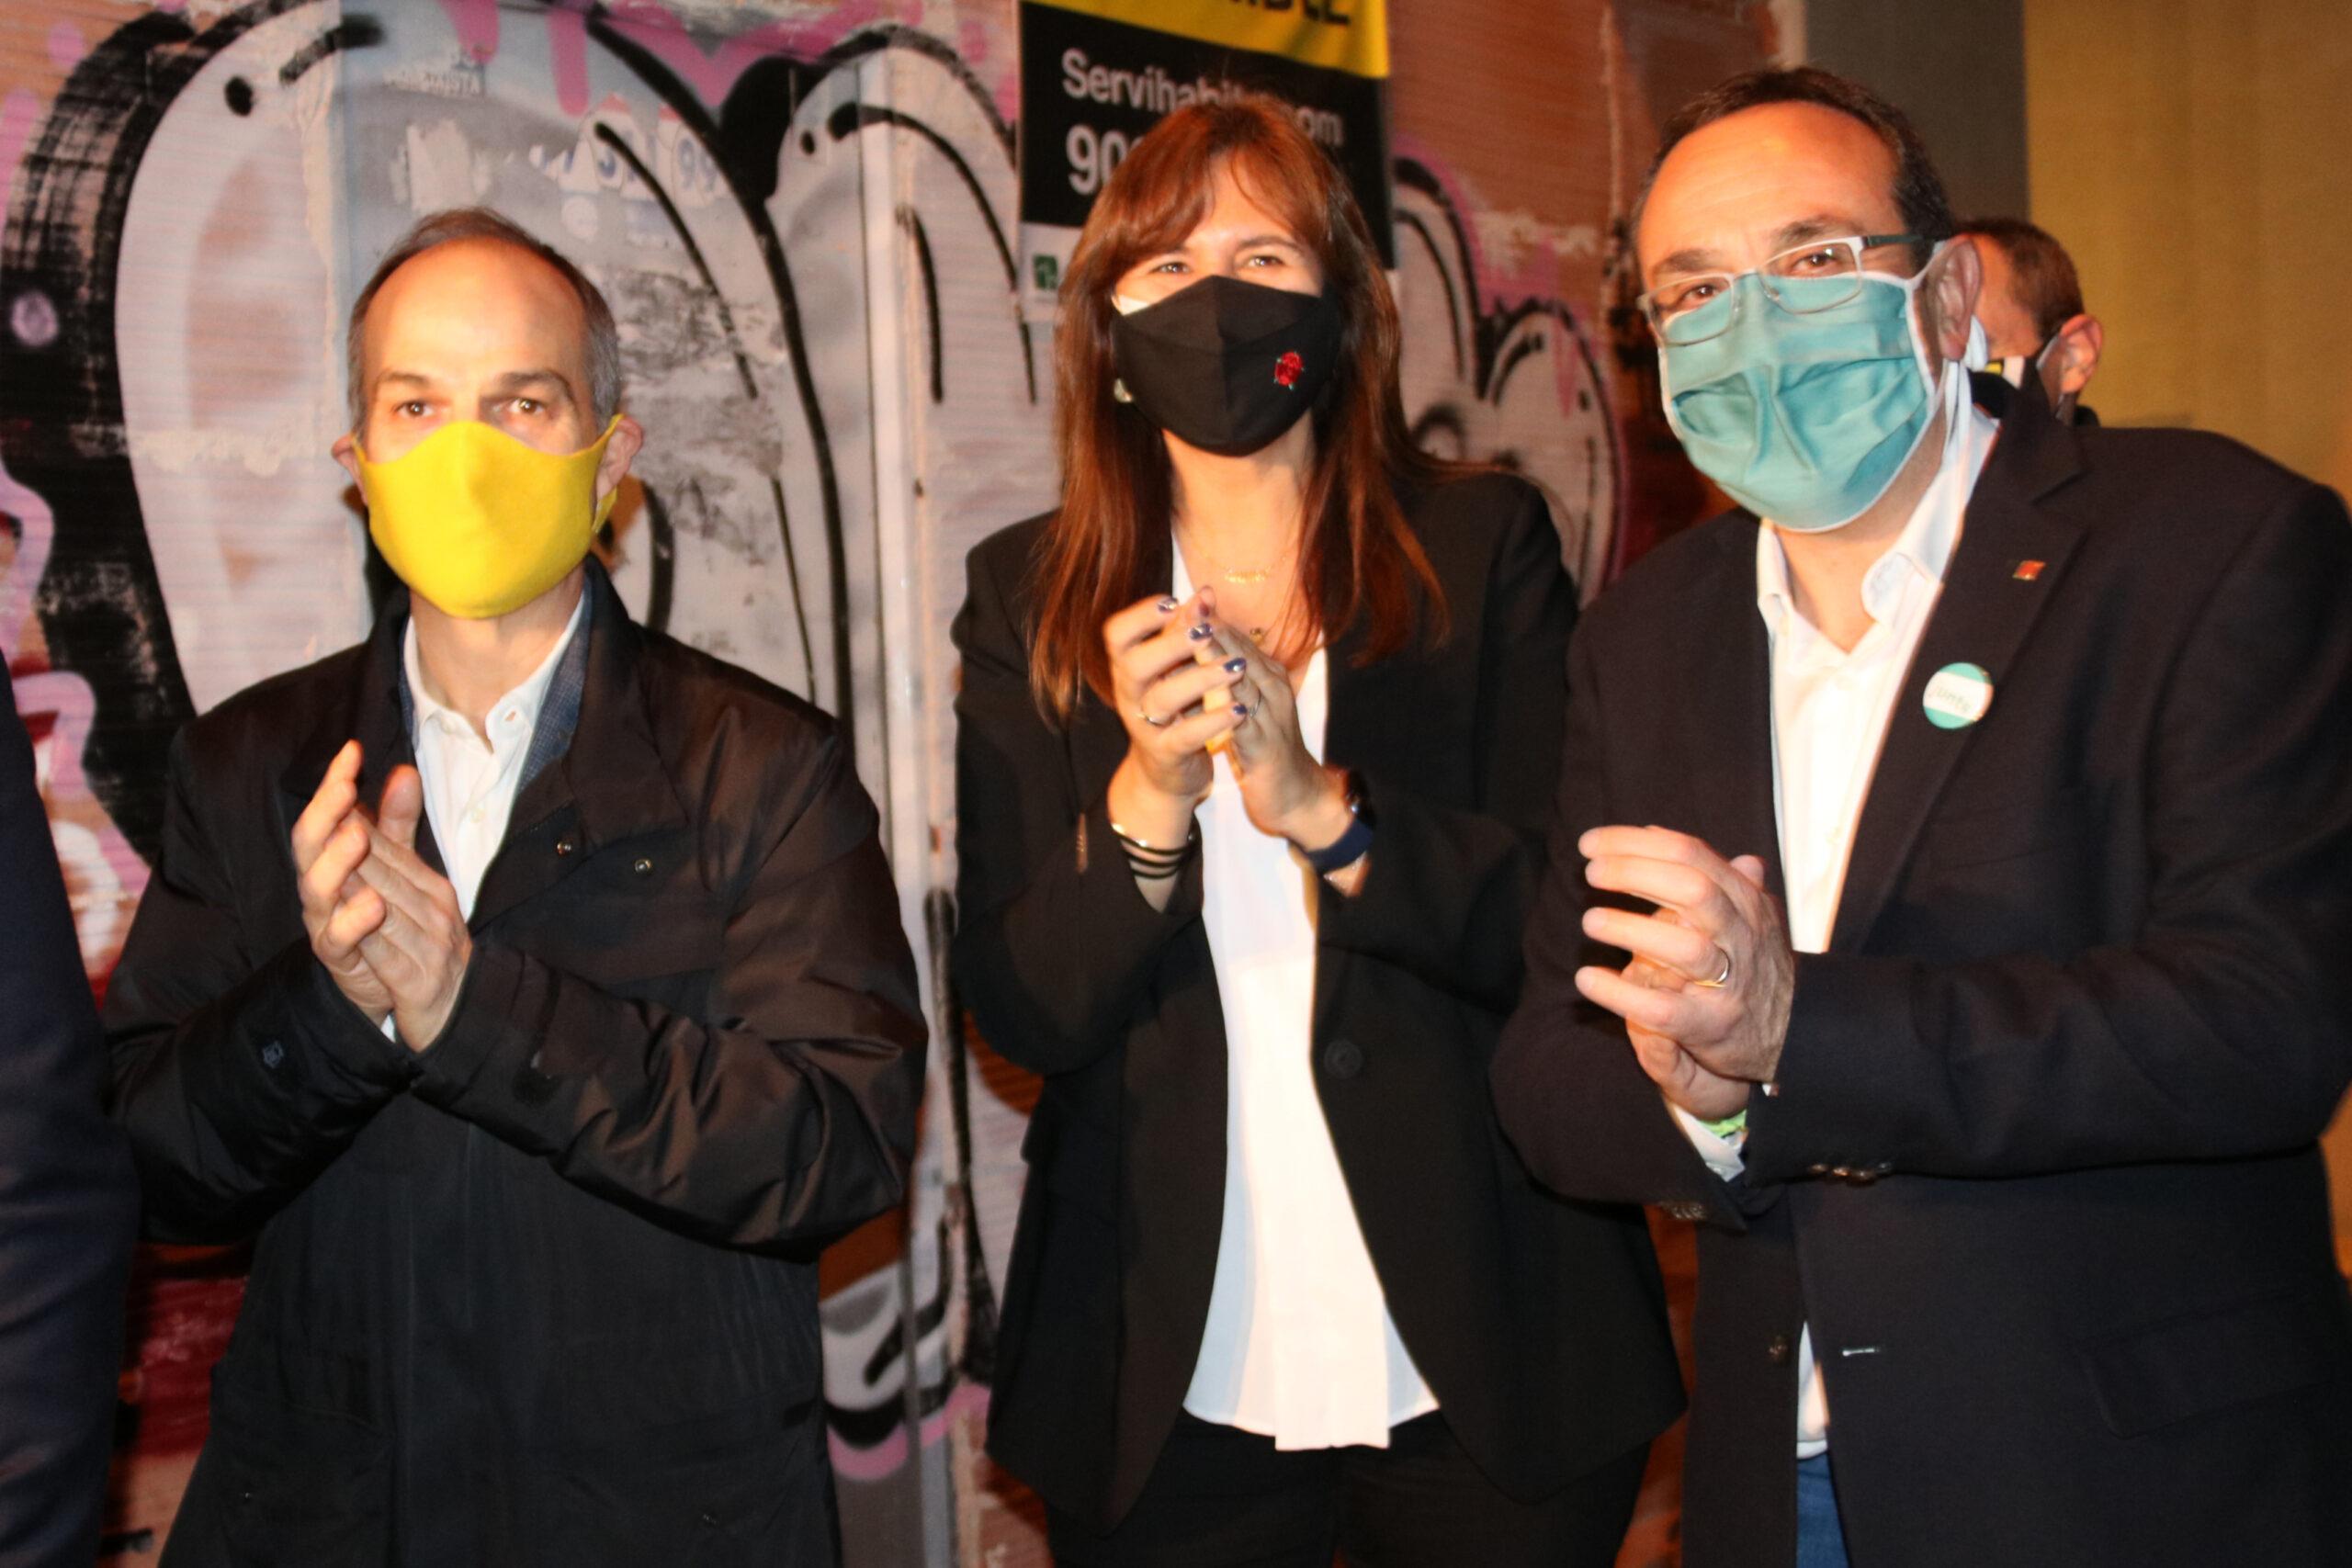 Els exconsellers Jordi Turull i Josep Rull, amb la candidata de JxCat, Laura Borràs, abans de l'acte de campanya a Reus el 29 de gener de 2021